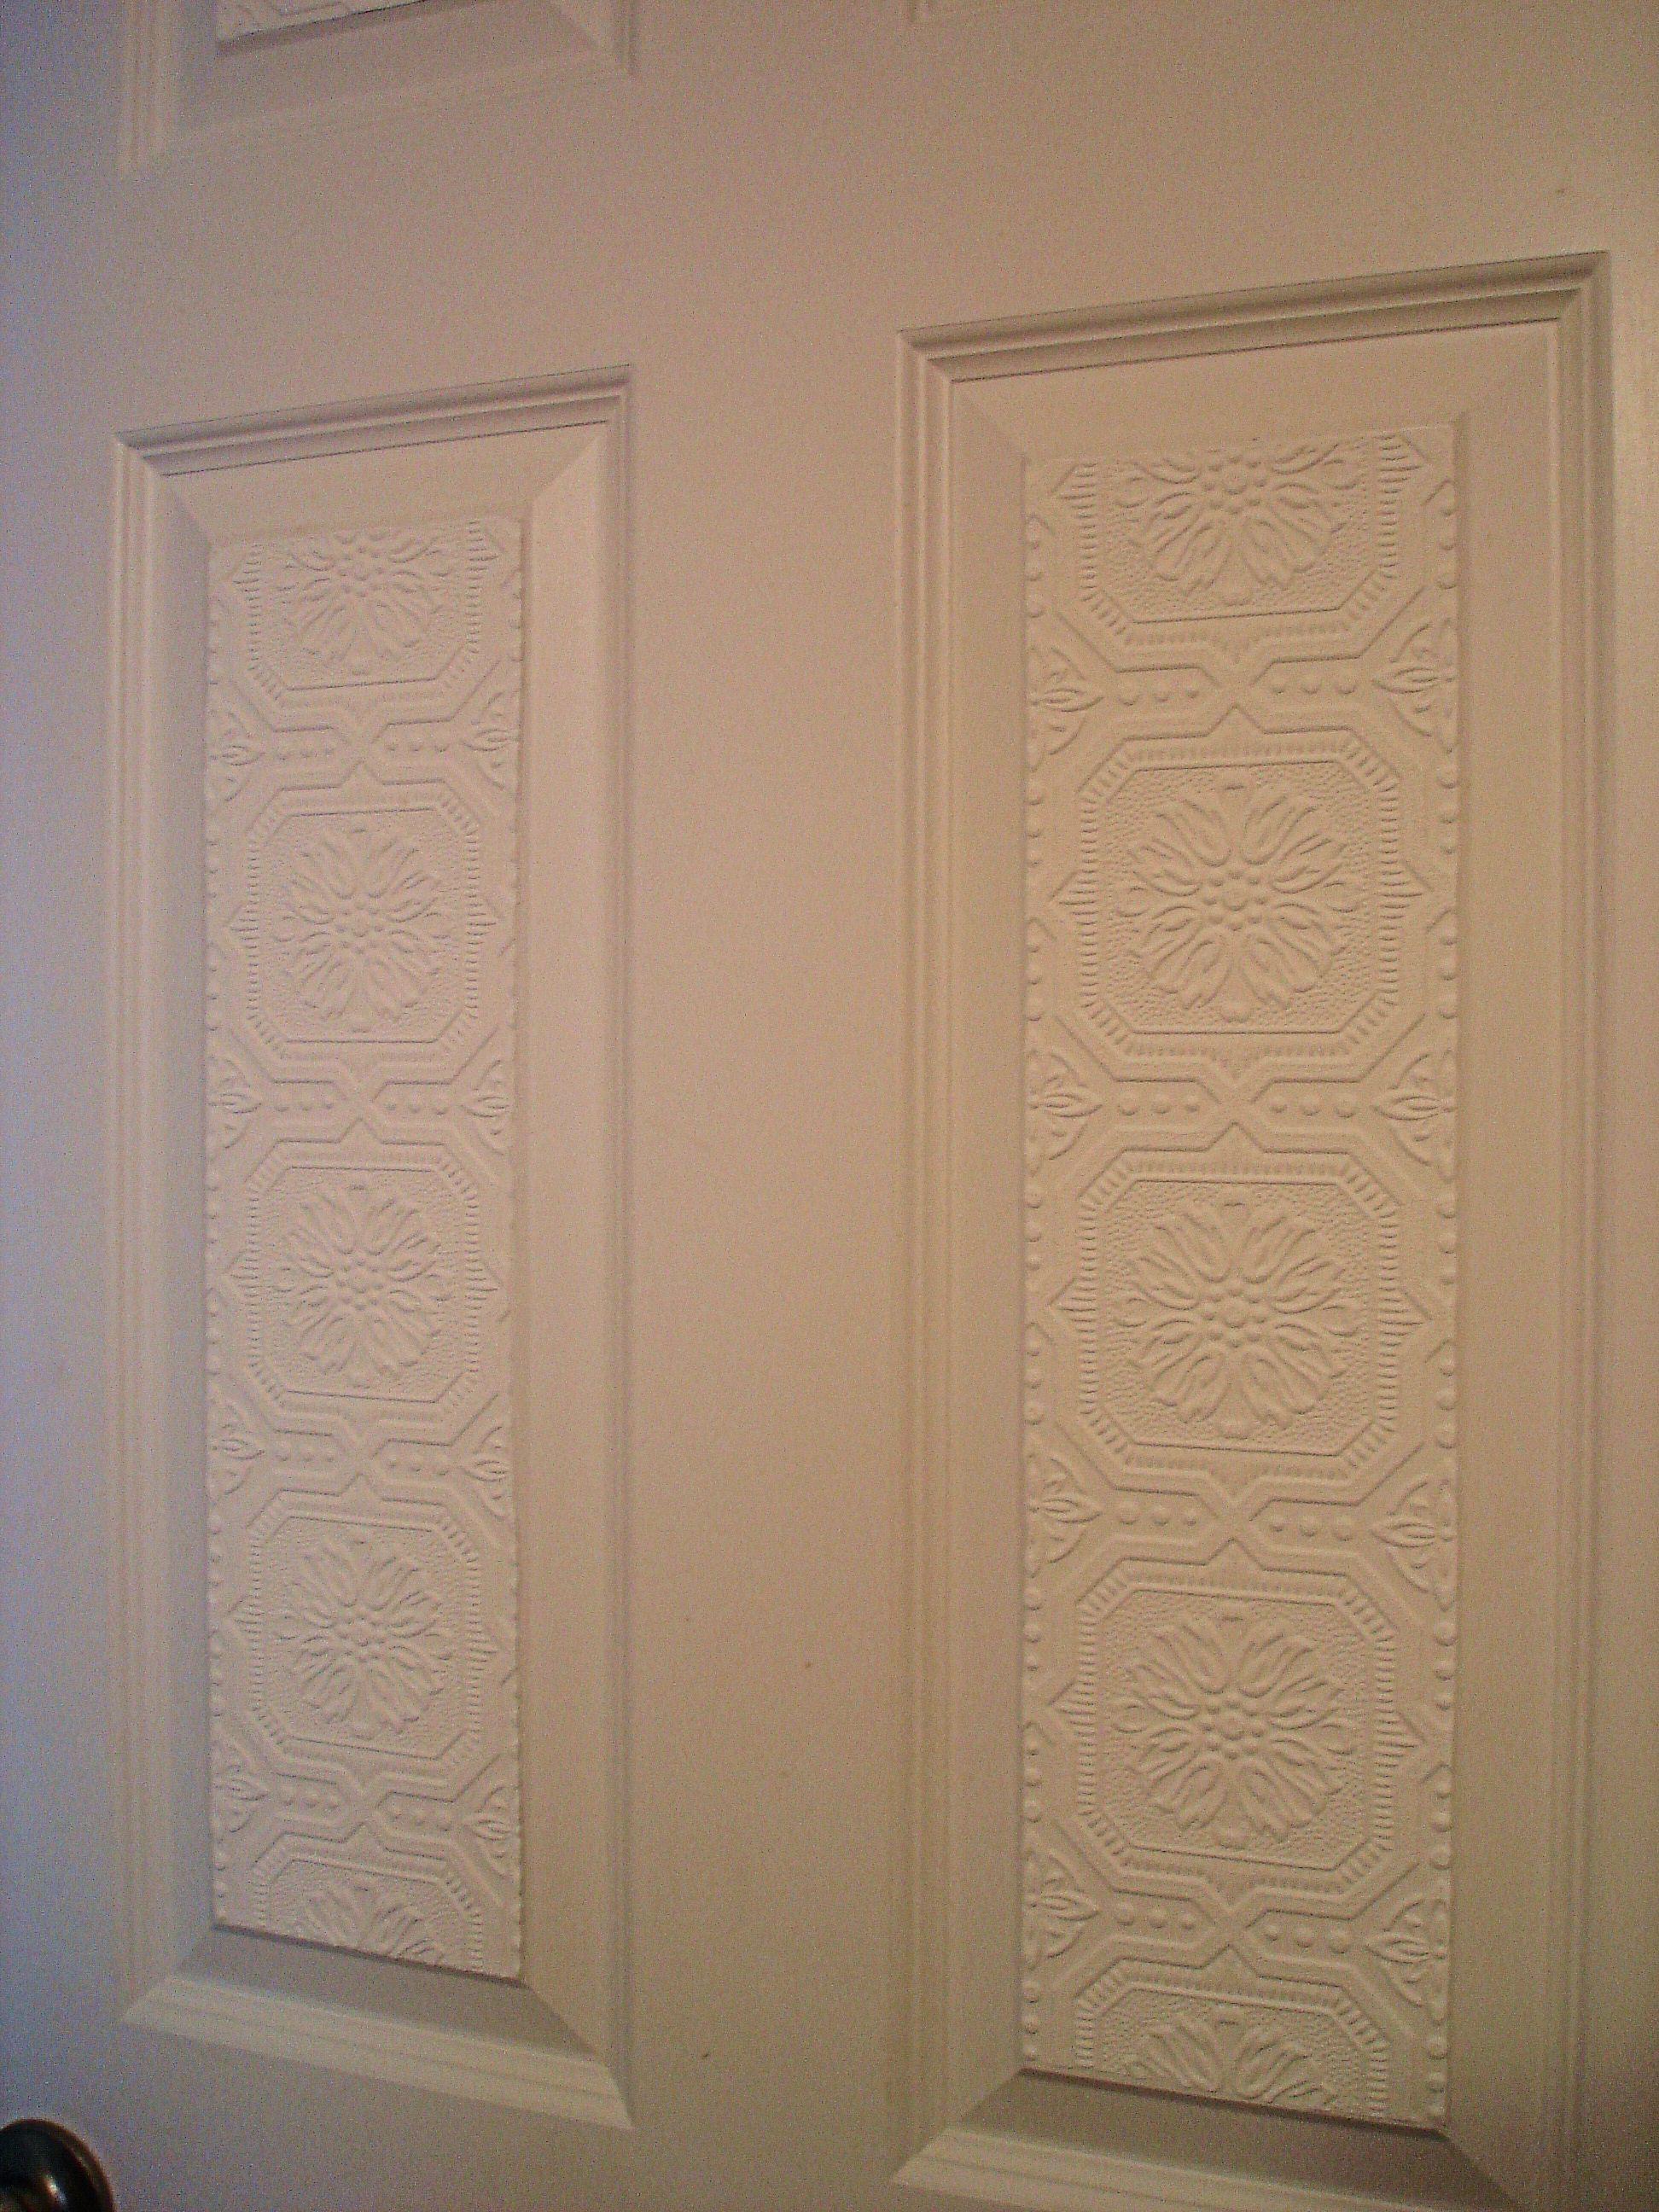 Textured Wallpaper On Door Panels First Floor Hallway Textured Wallpaper Wallpaper Door Wainscoting